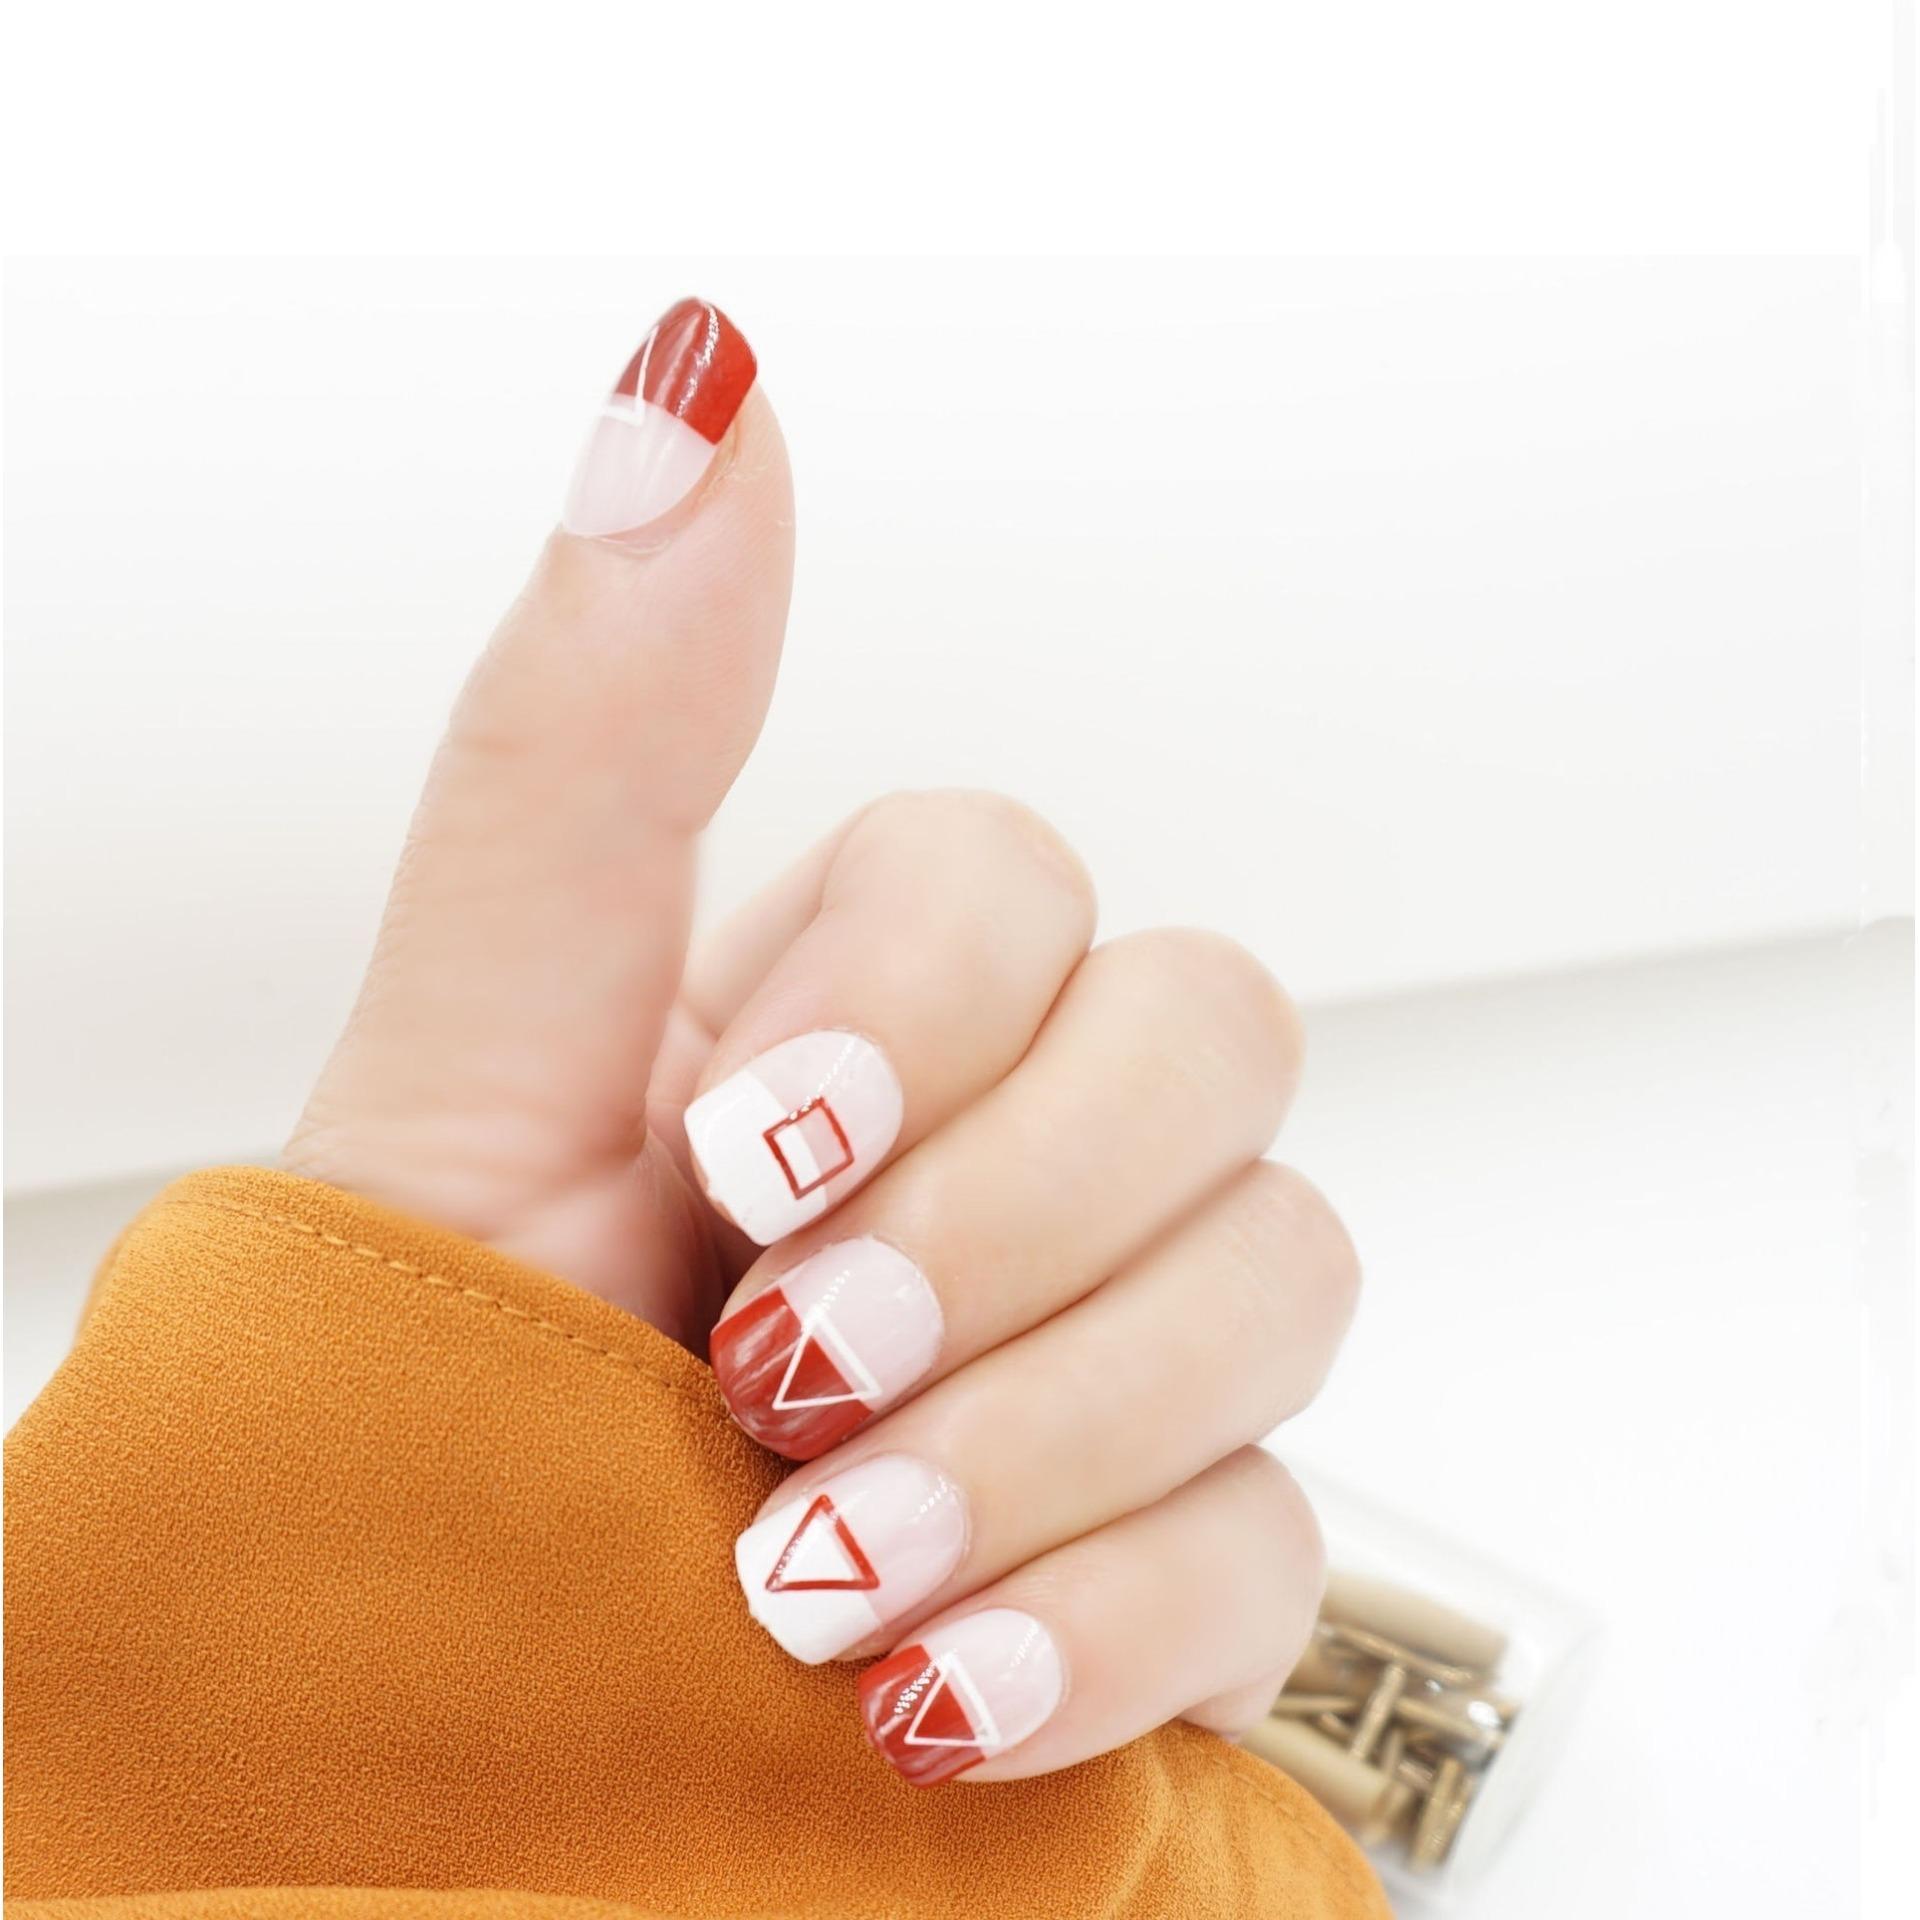 Kelebihan Jbs Nails Kuku Palsu Fake Nail Art Wedding Pink Pita 3d A39 A12